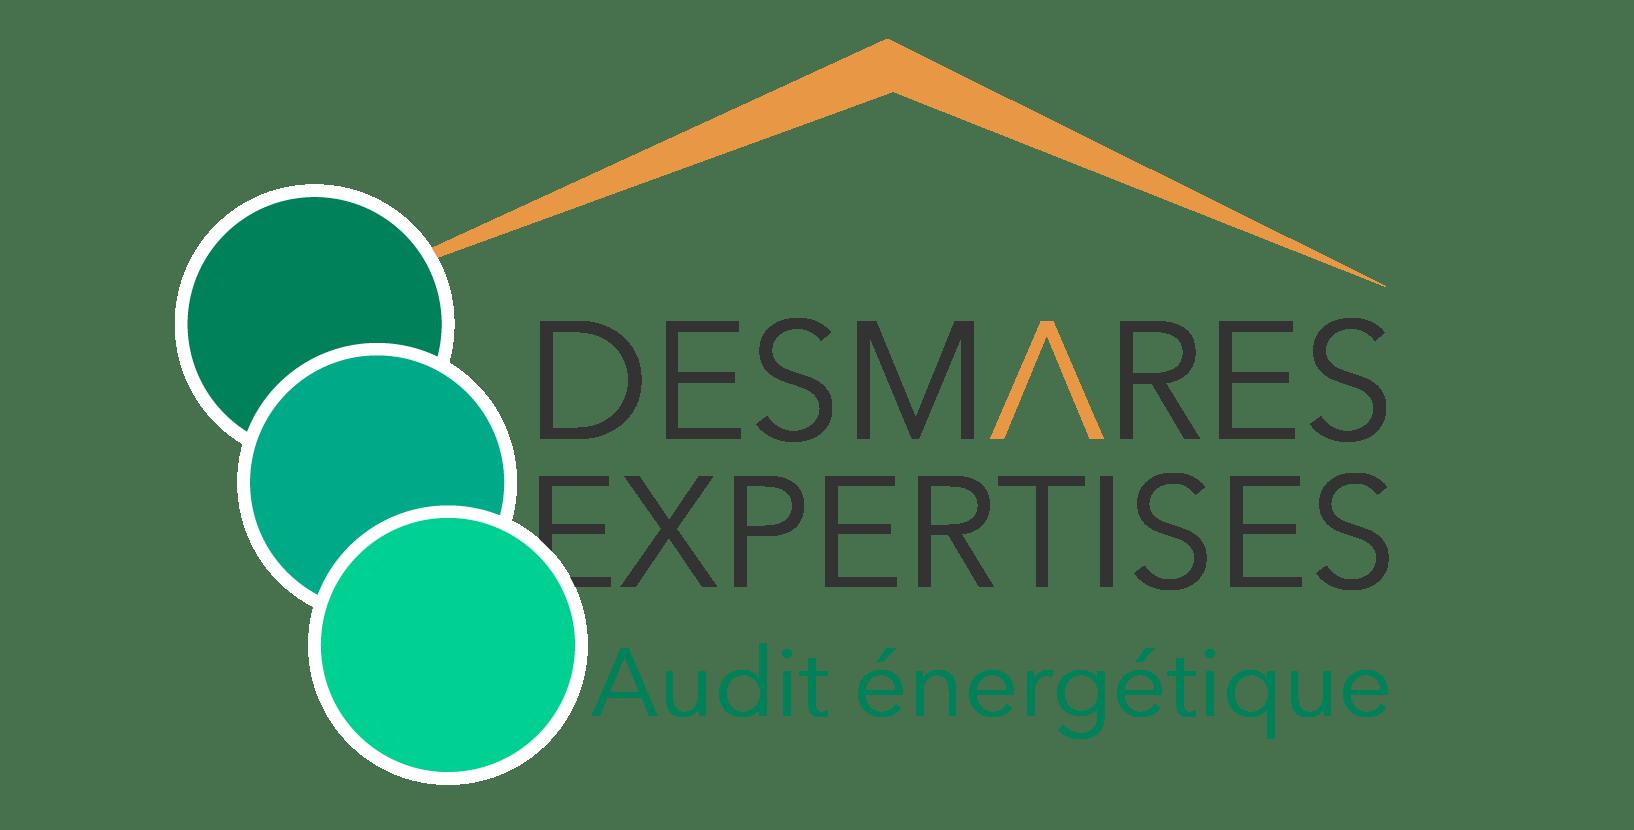 logo audit energetique desmares expertises